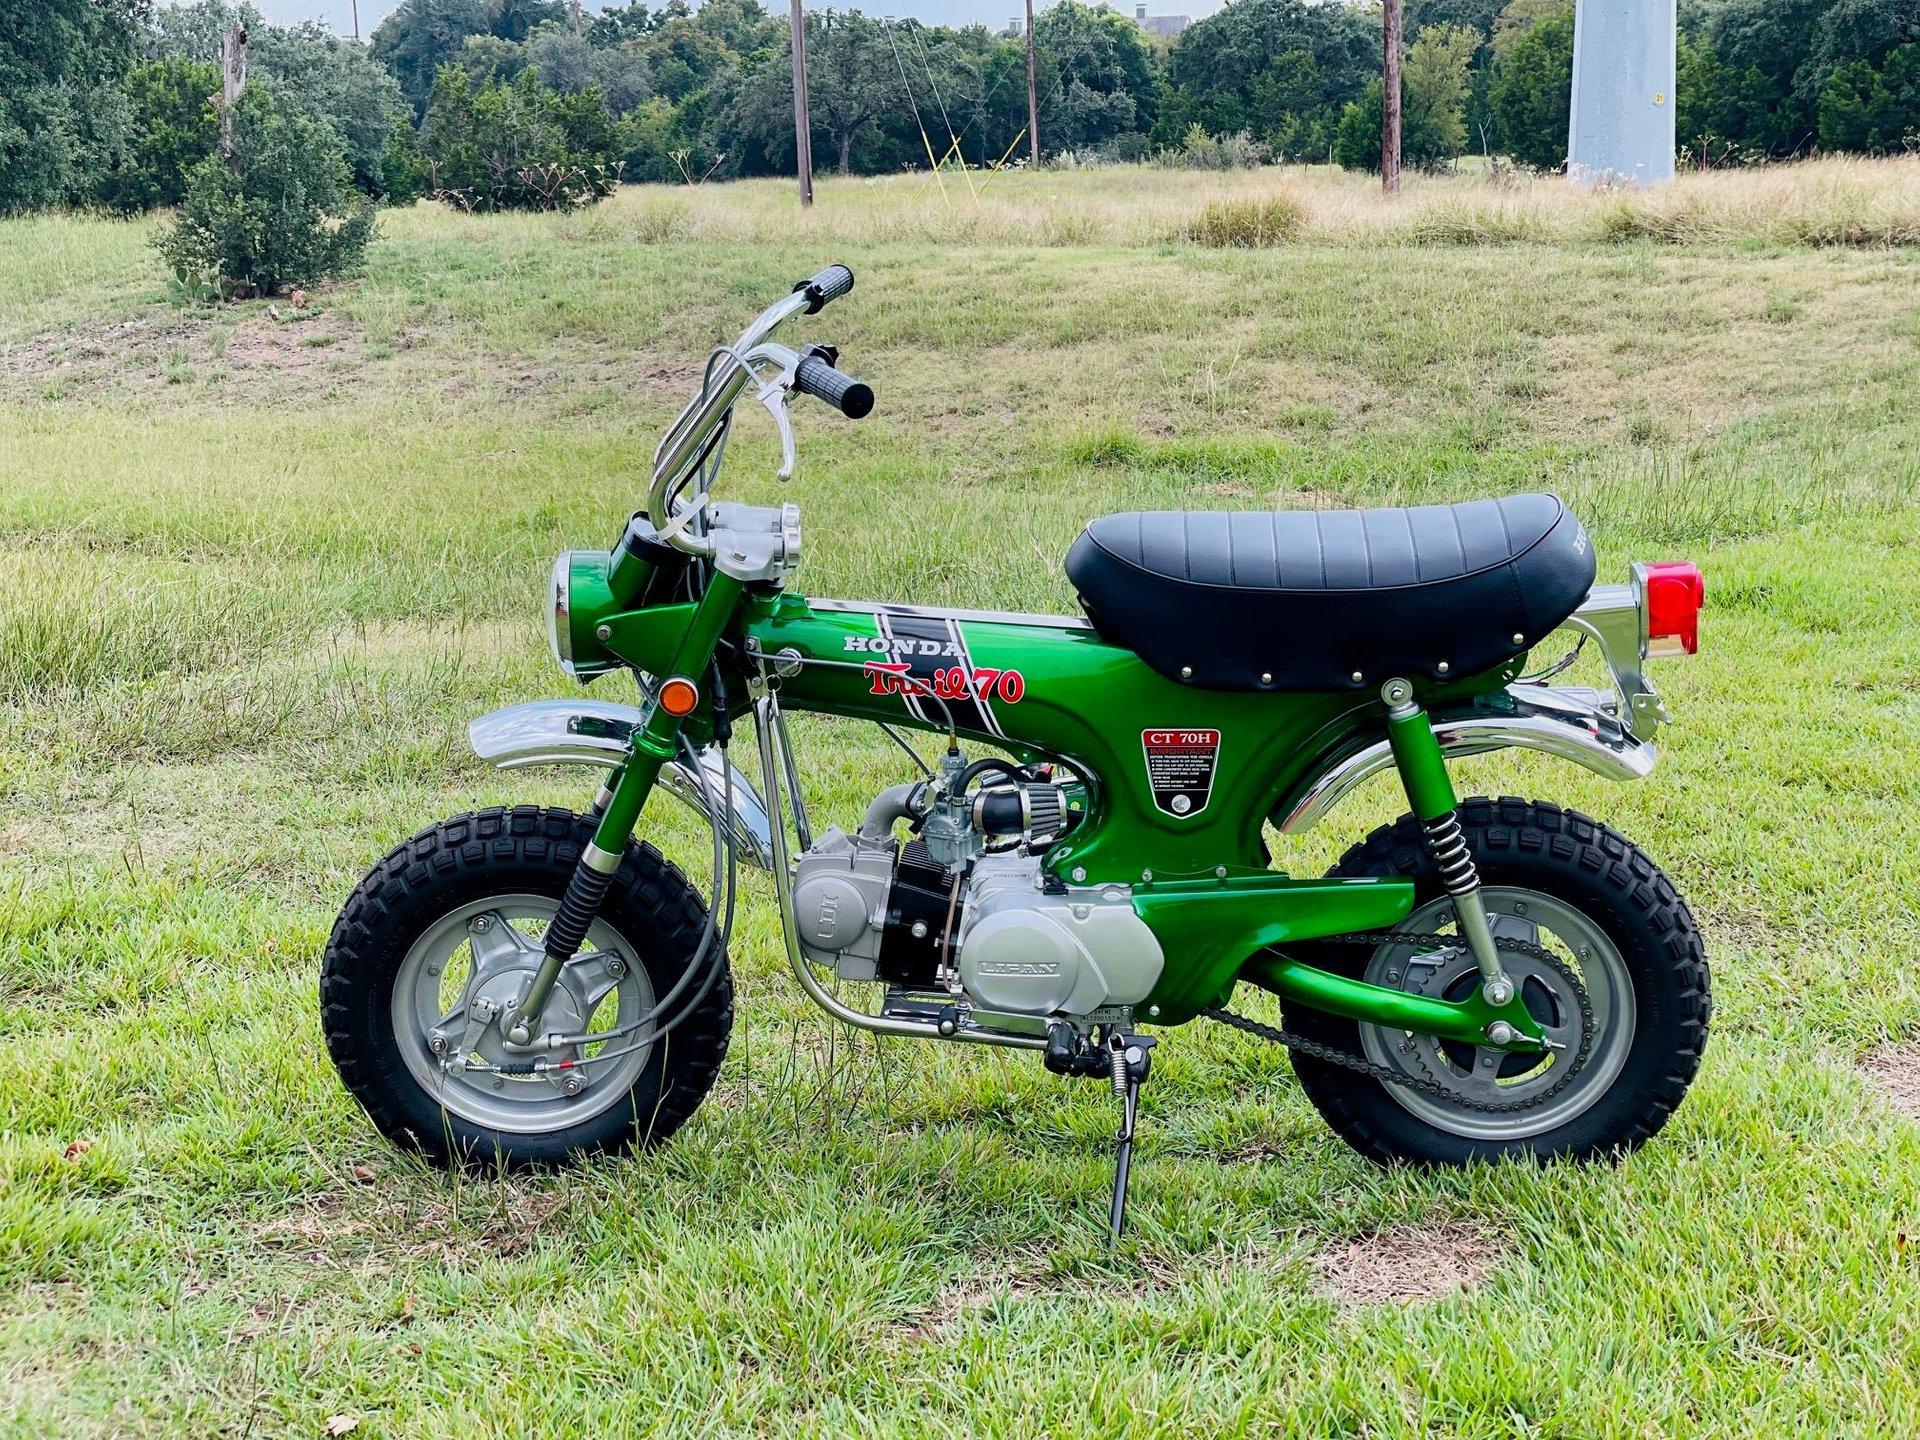 1971 honda ct 70h minibike